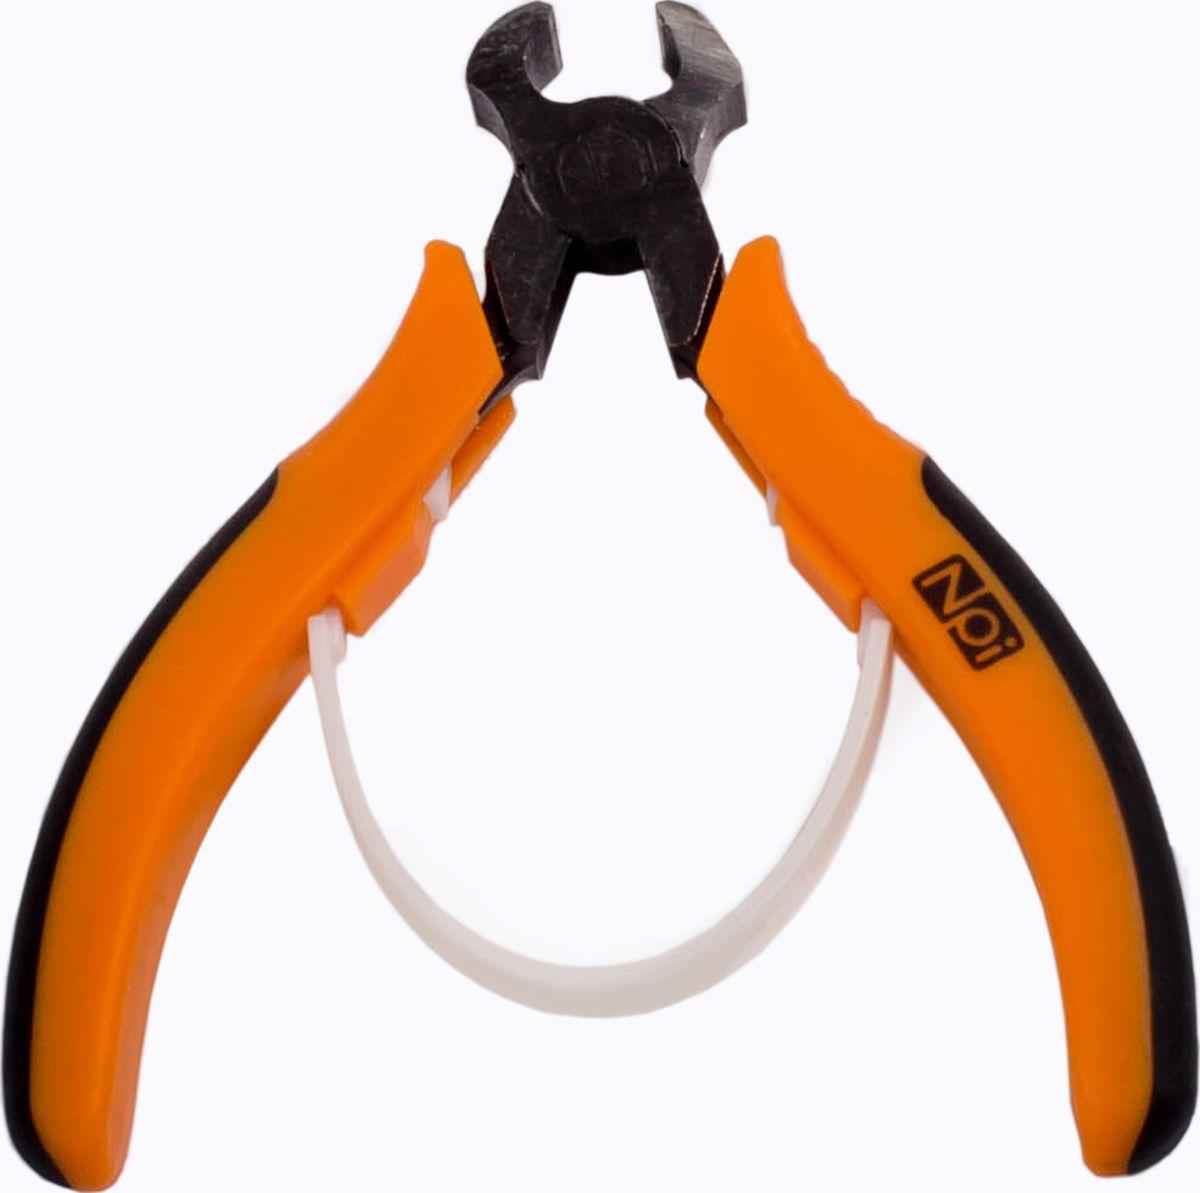 Кусачки торцевые NPI, 115 мм10101Кусачки торцевые NPI 115мм. Длина инструмента 115 мм. Удлиненные режущие кромки для выполнения точной резки и других тонких работ. Режущие кромки, закаленные дополнительно индуктивным методом. Режущая часть сделана из хром-ванадиевой стали. Особенности модели: Двухкомпонентная эргономическая рукоятка, обеспечивает удобную работу. Нейлоновая пружина большой прочности. Дополнительно закаленные режущие кромки отличаются высокой твердостью.